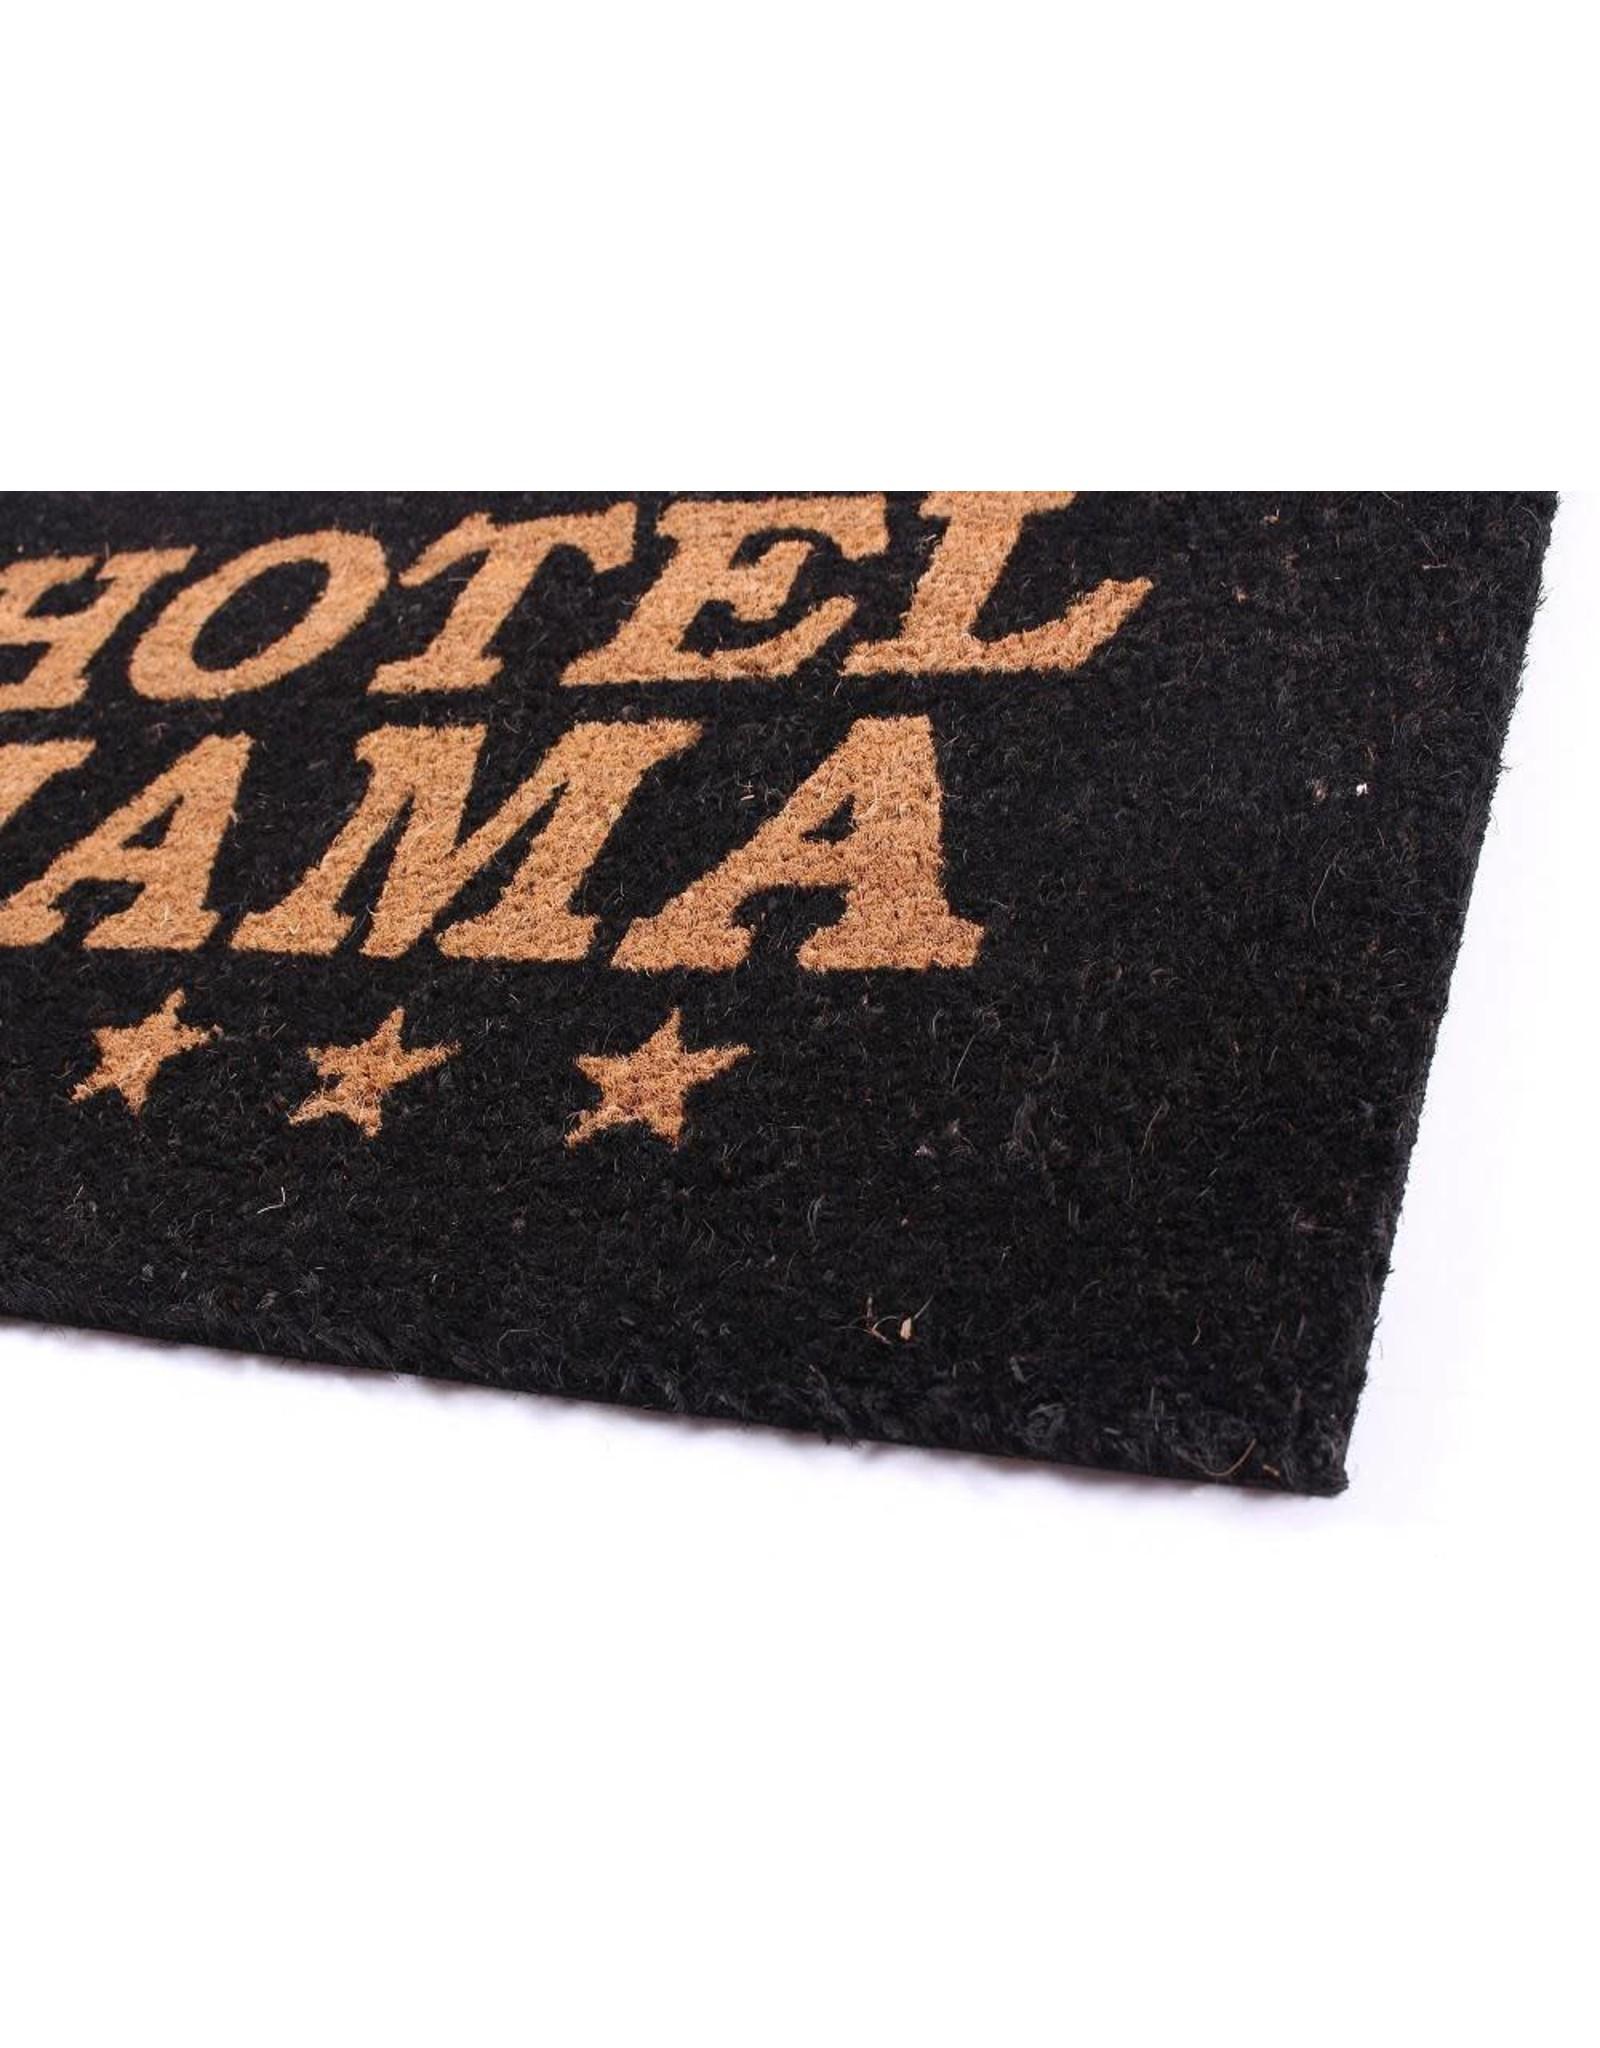 doormat - hotel mama